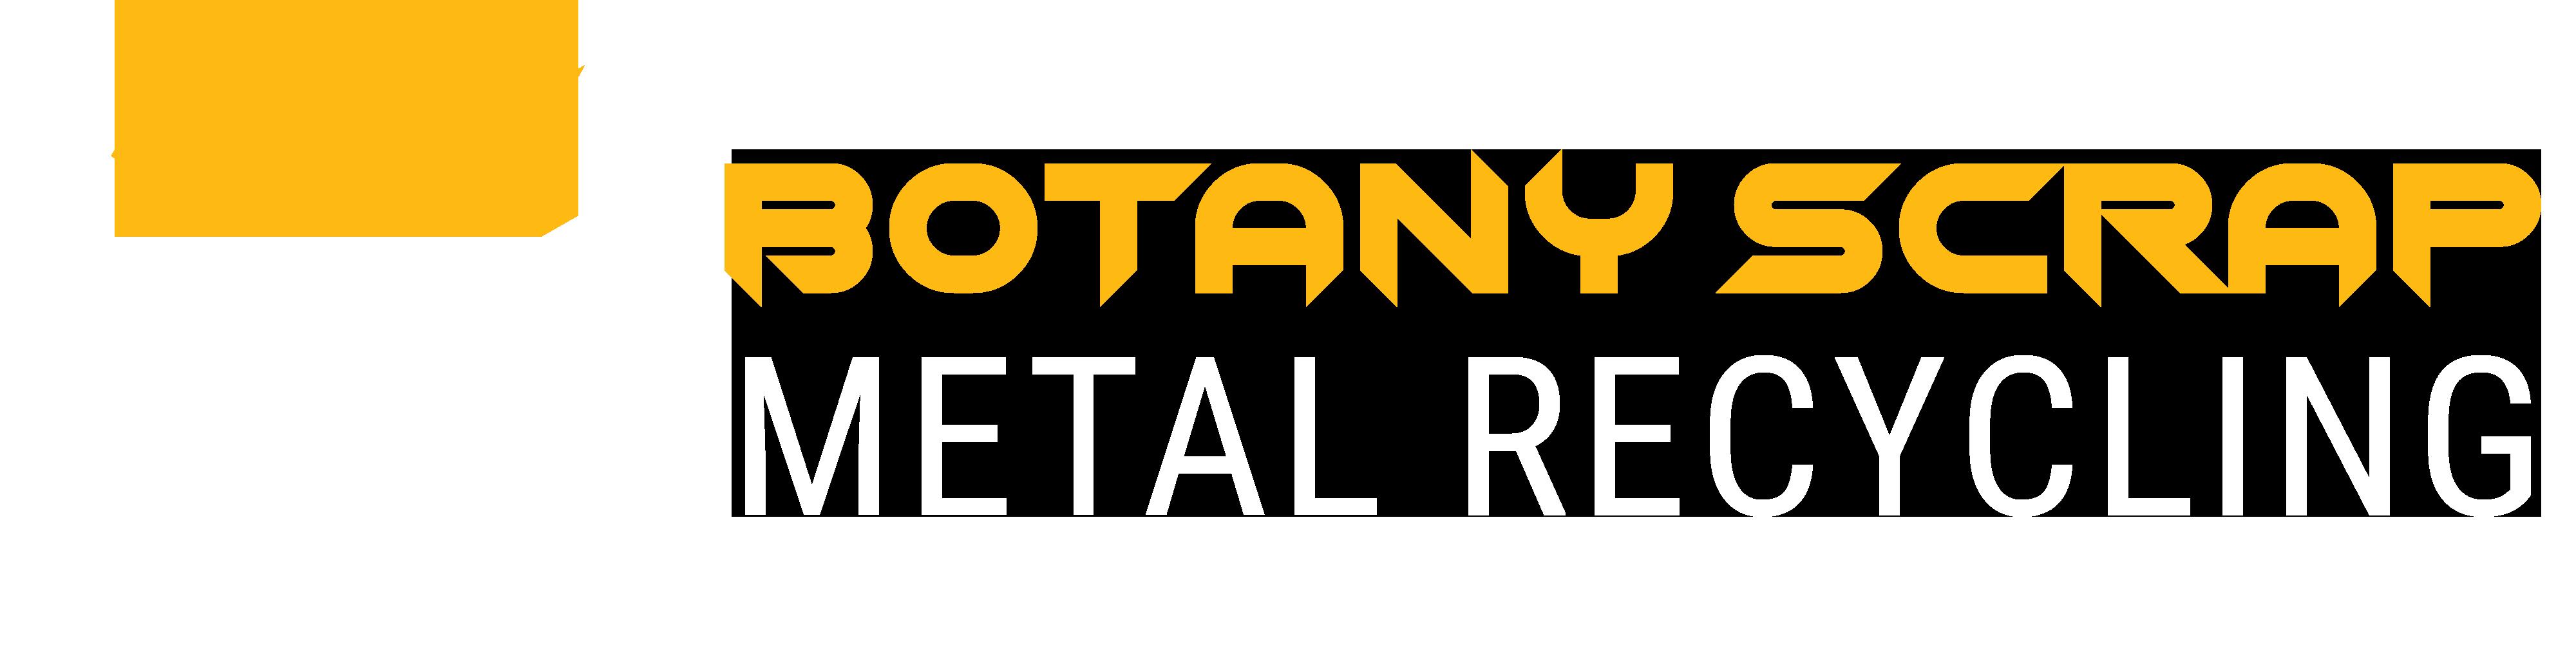 Botany Scrap Metal